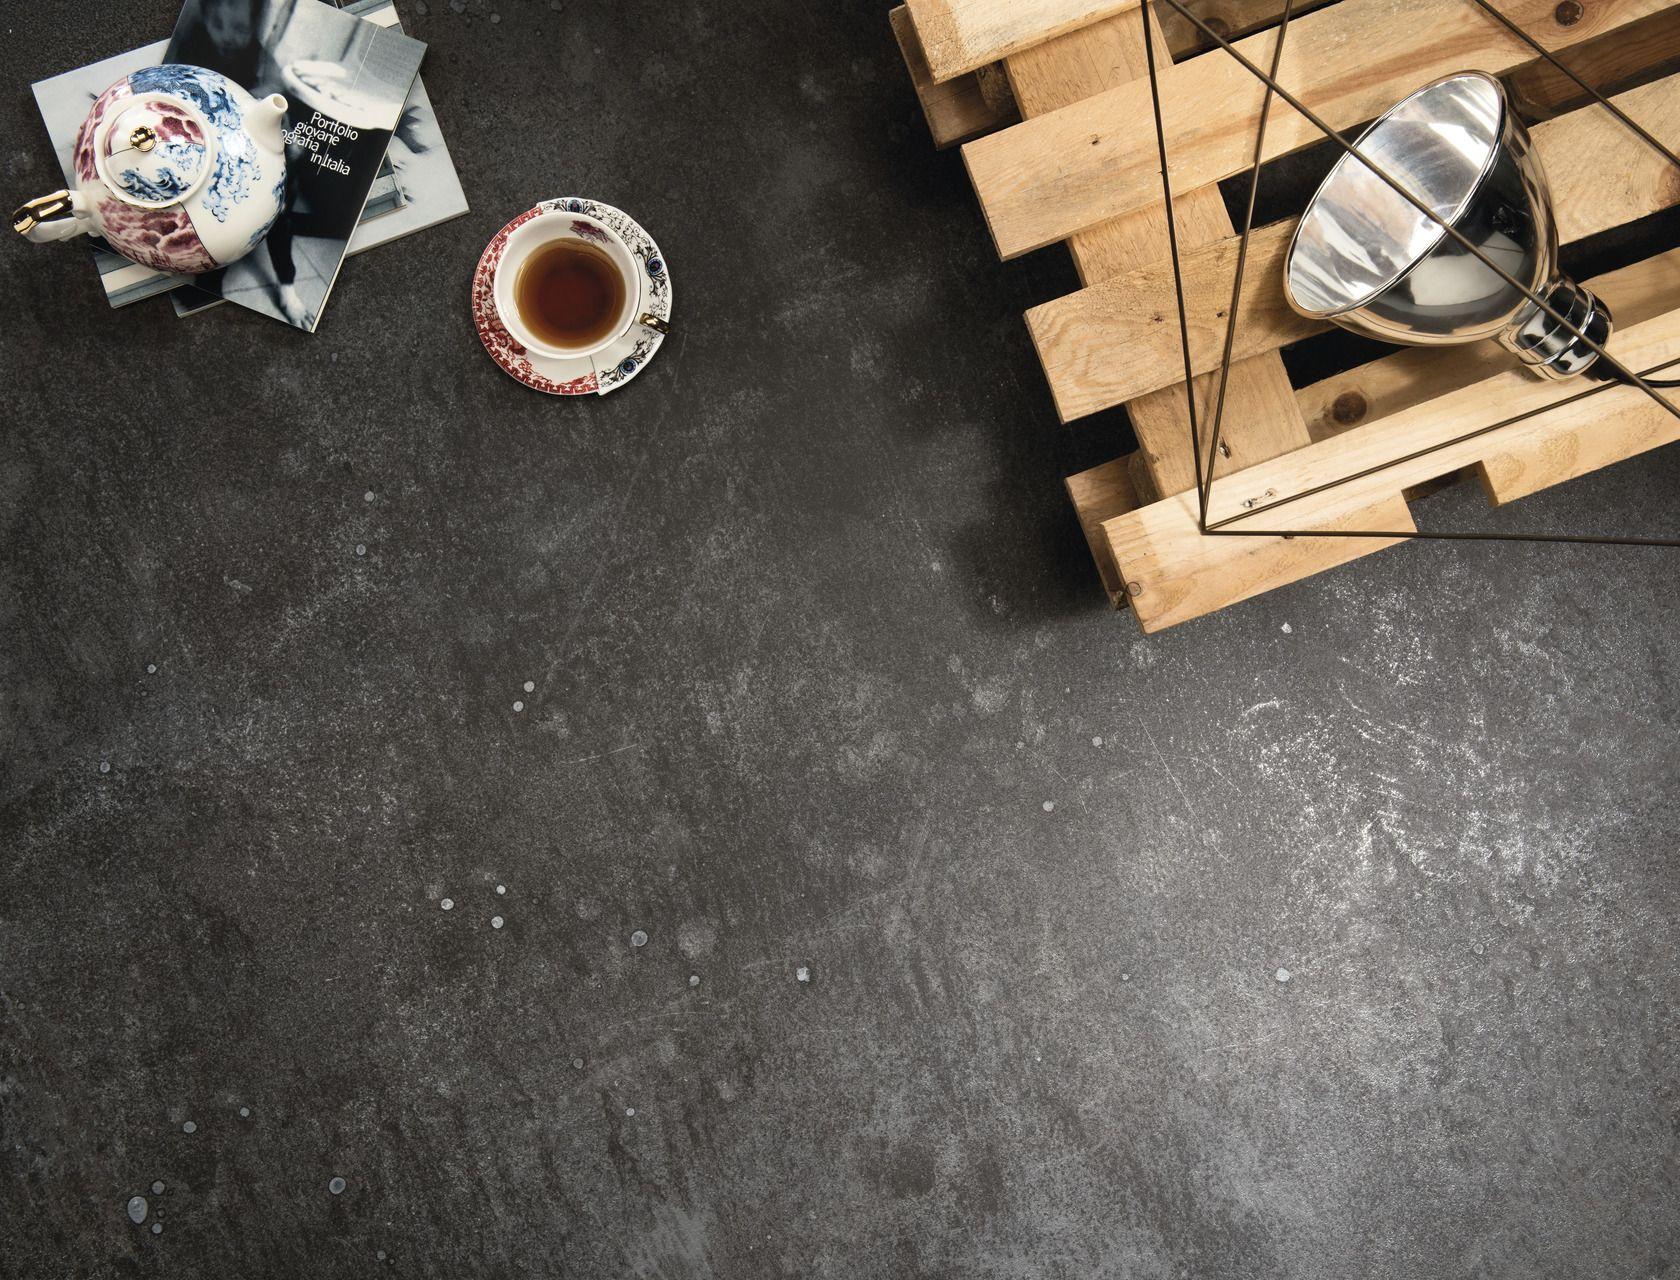 Gres porcellanato effetto metallo pavimenti e rivestimenti - Piastrelle effetto metallo ...